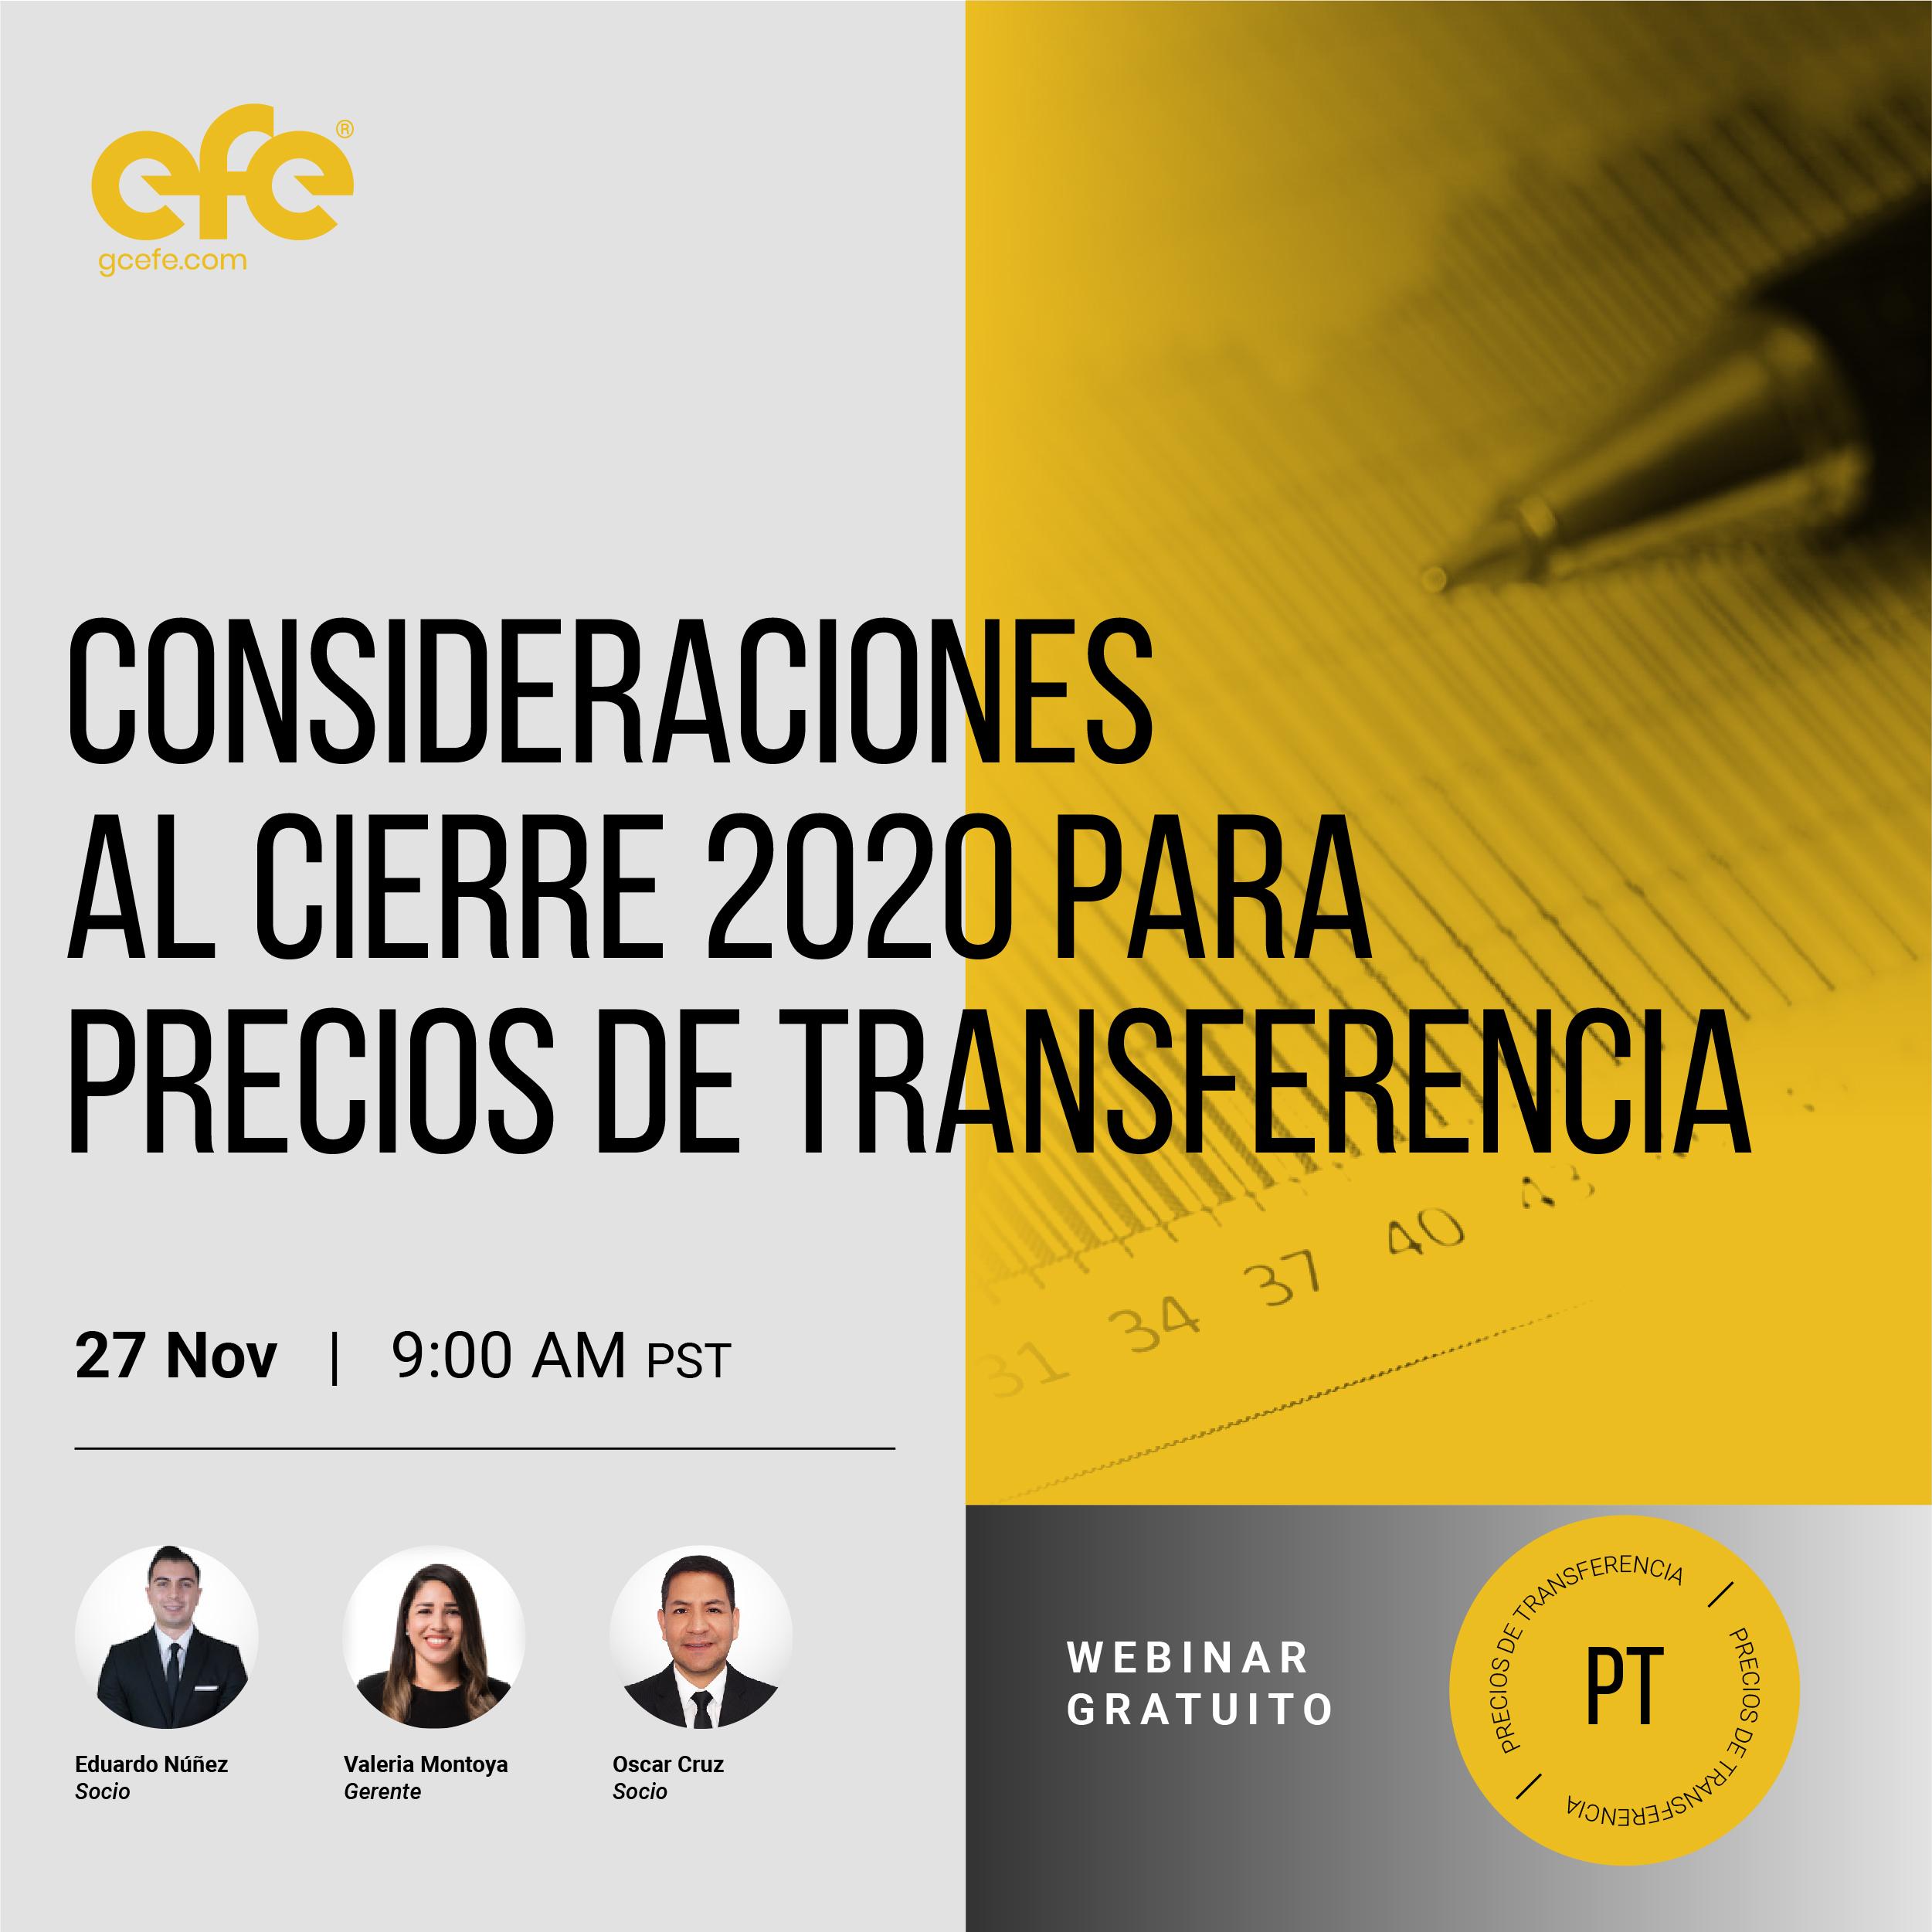 Consideraciones Al Cierre 2020 Para Precios De Transferencia